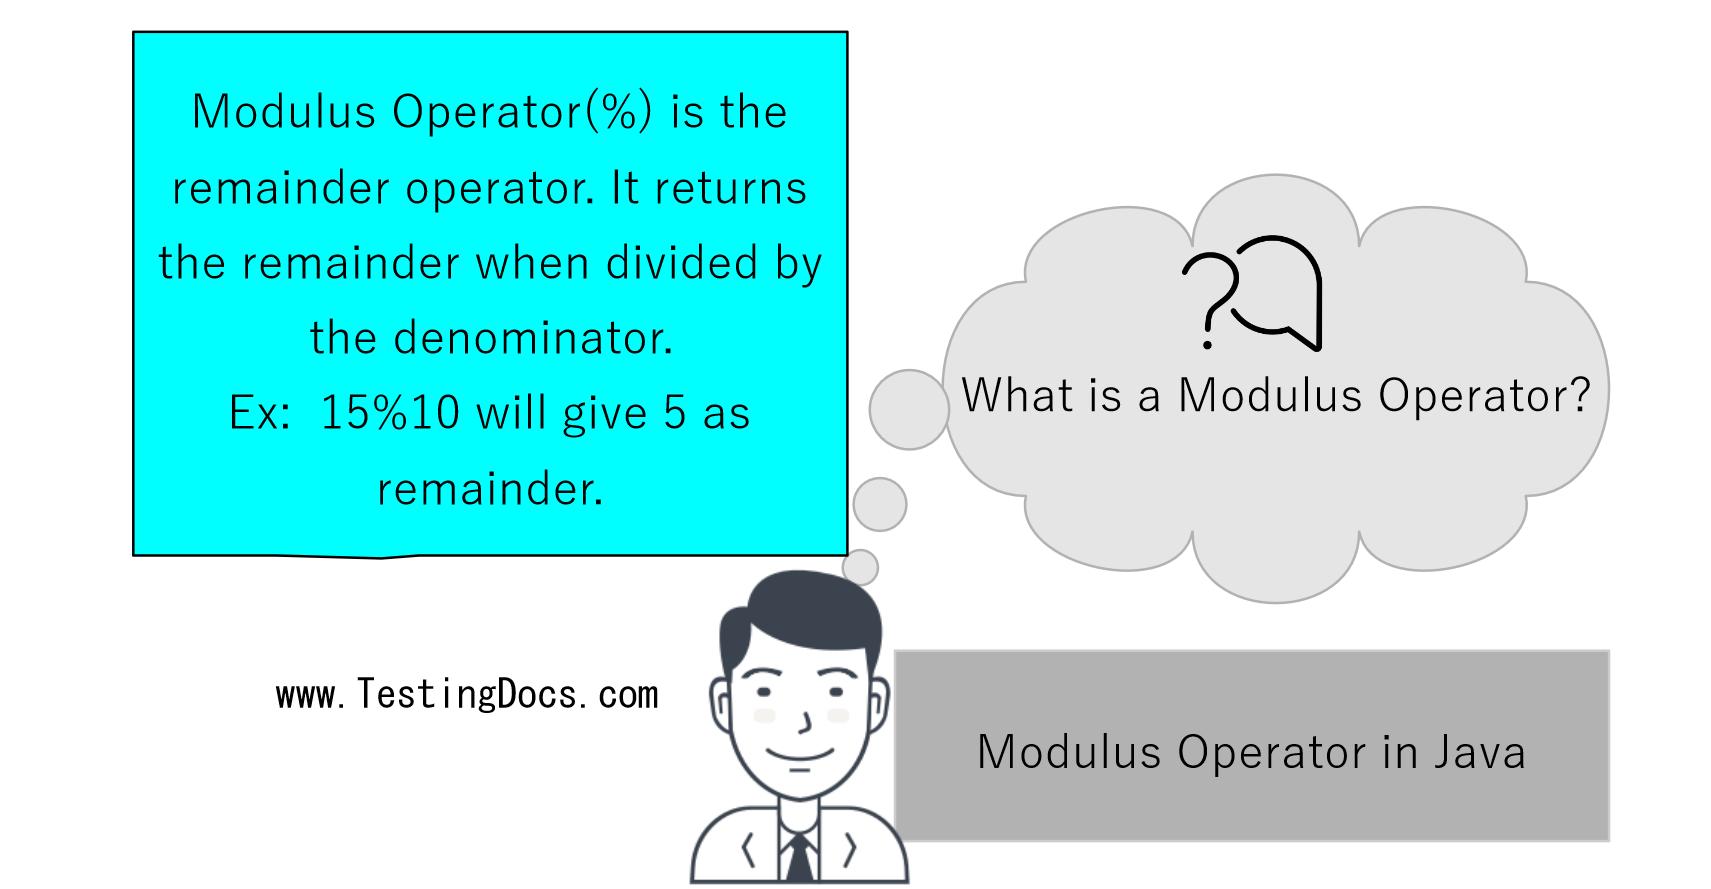 Modulus Operator